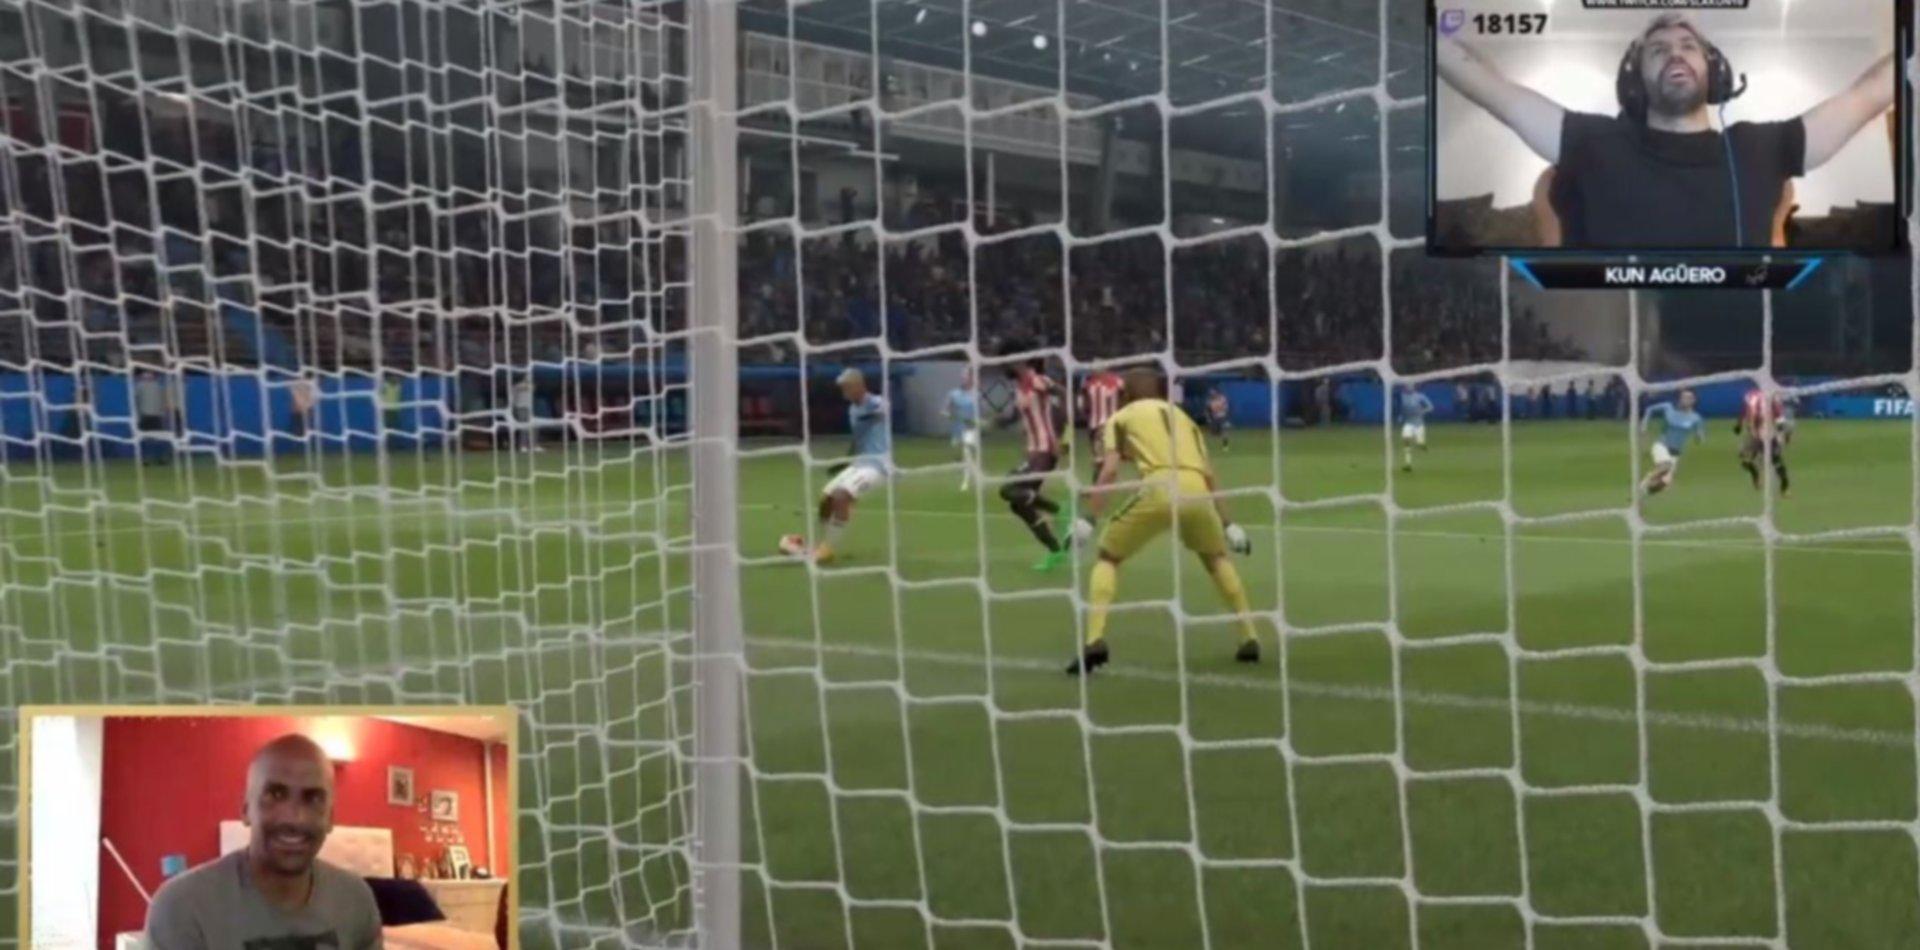 """El Kun Agüero derrotó al equipo de la Brujita en el desafío """"Rosa Melano"""""""